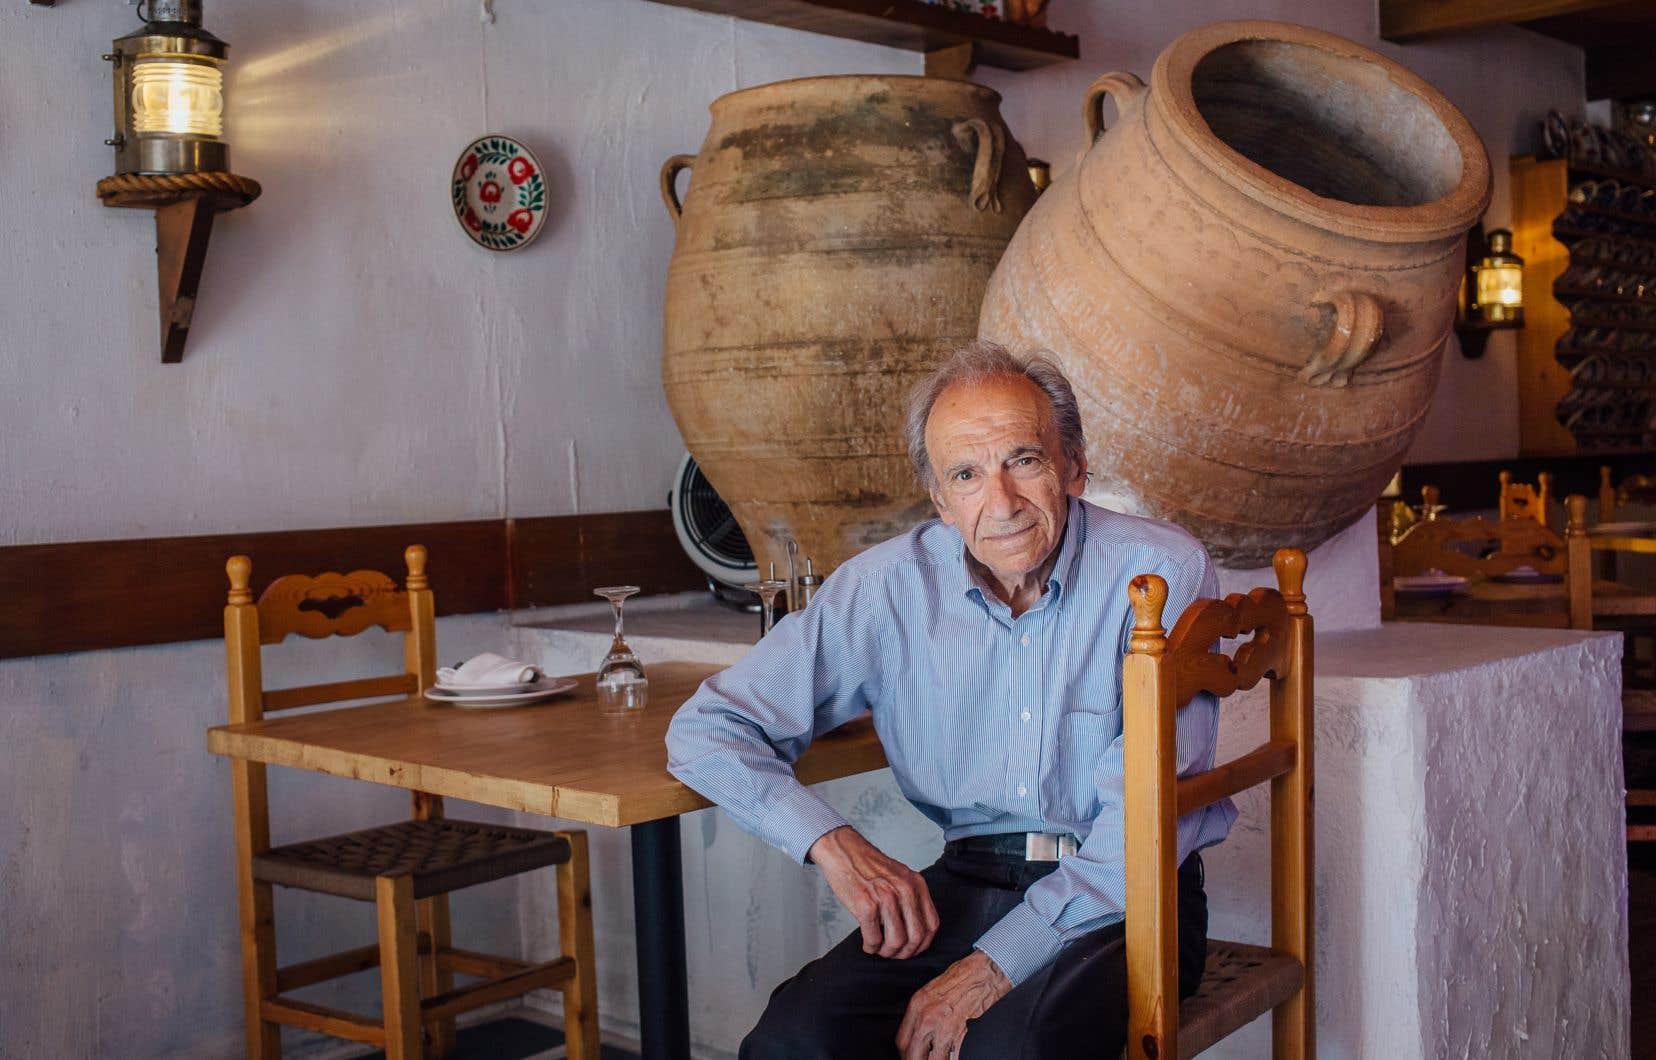 Lorsque leur restaurant a brûlé en 1976, George (notre photo) et Georgia Mangafas ont décidé de le redécorer complètement en évoquant Rodos, l'île natale de Georgia. Et encore aujourd'hui, on peut savourer chez Rodos de la cuisine grecque entouré d'immenses poteries artisanales, de textiles et de coquillages de leur pays natal.